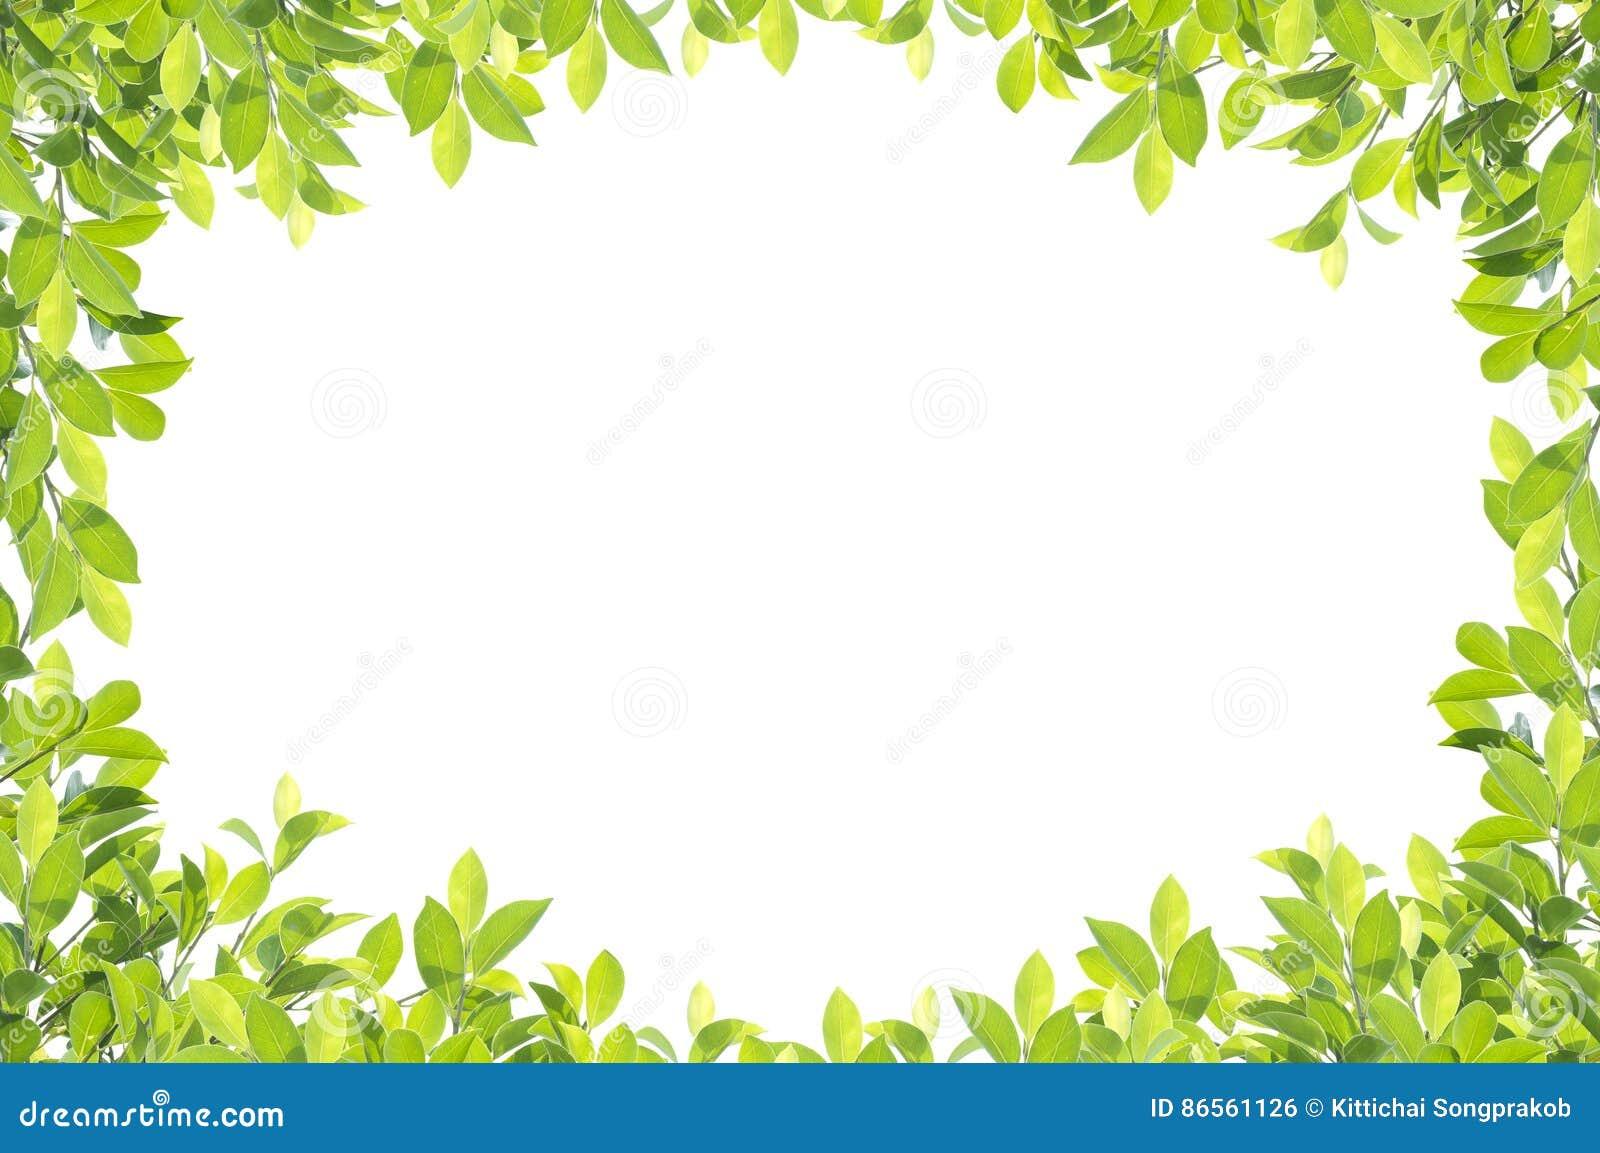 Grüne Blattgrenze auf weißem Hintergrund